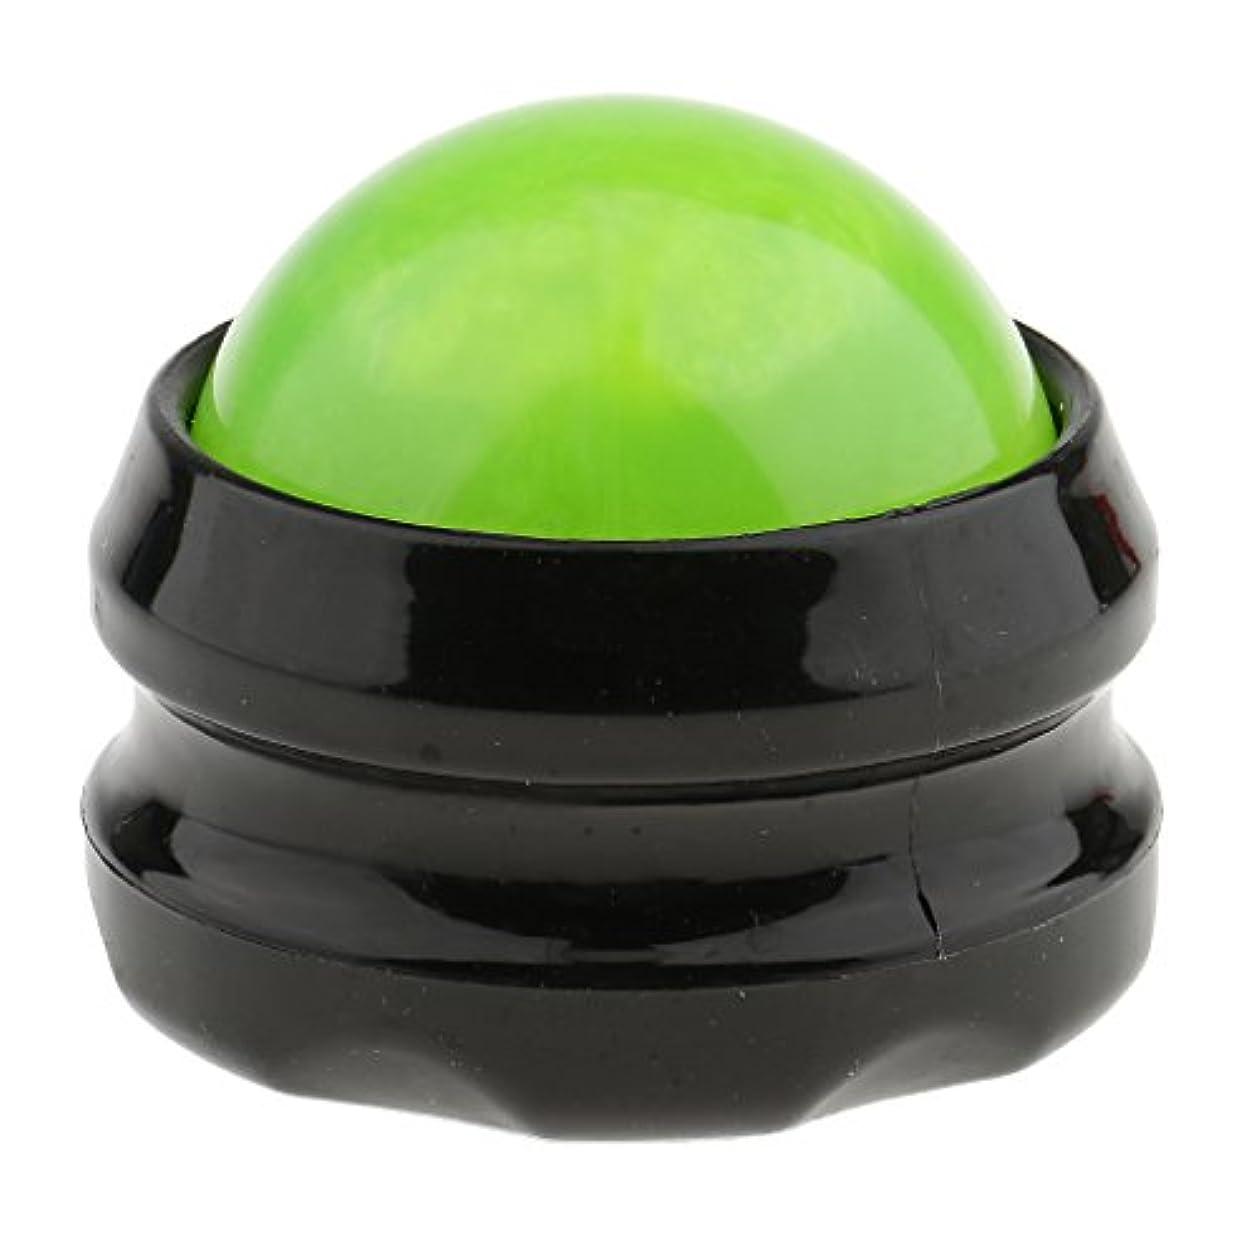 位置づける観察トラフィックマッサージ ローラーボール ボディマッサージ 自宅 オフィス 旅行 SPA 全4色 - グリーンブラック